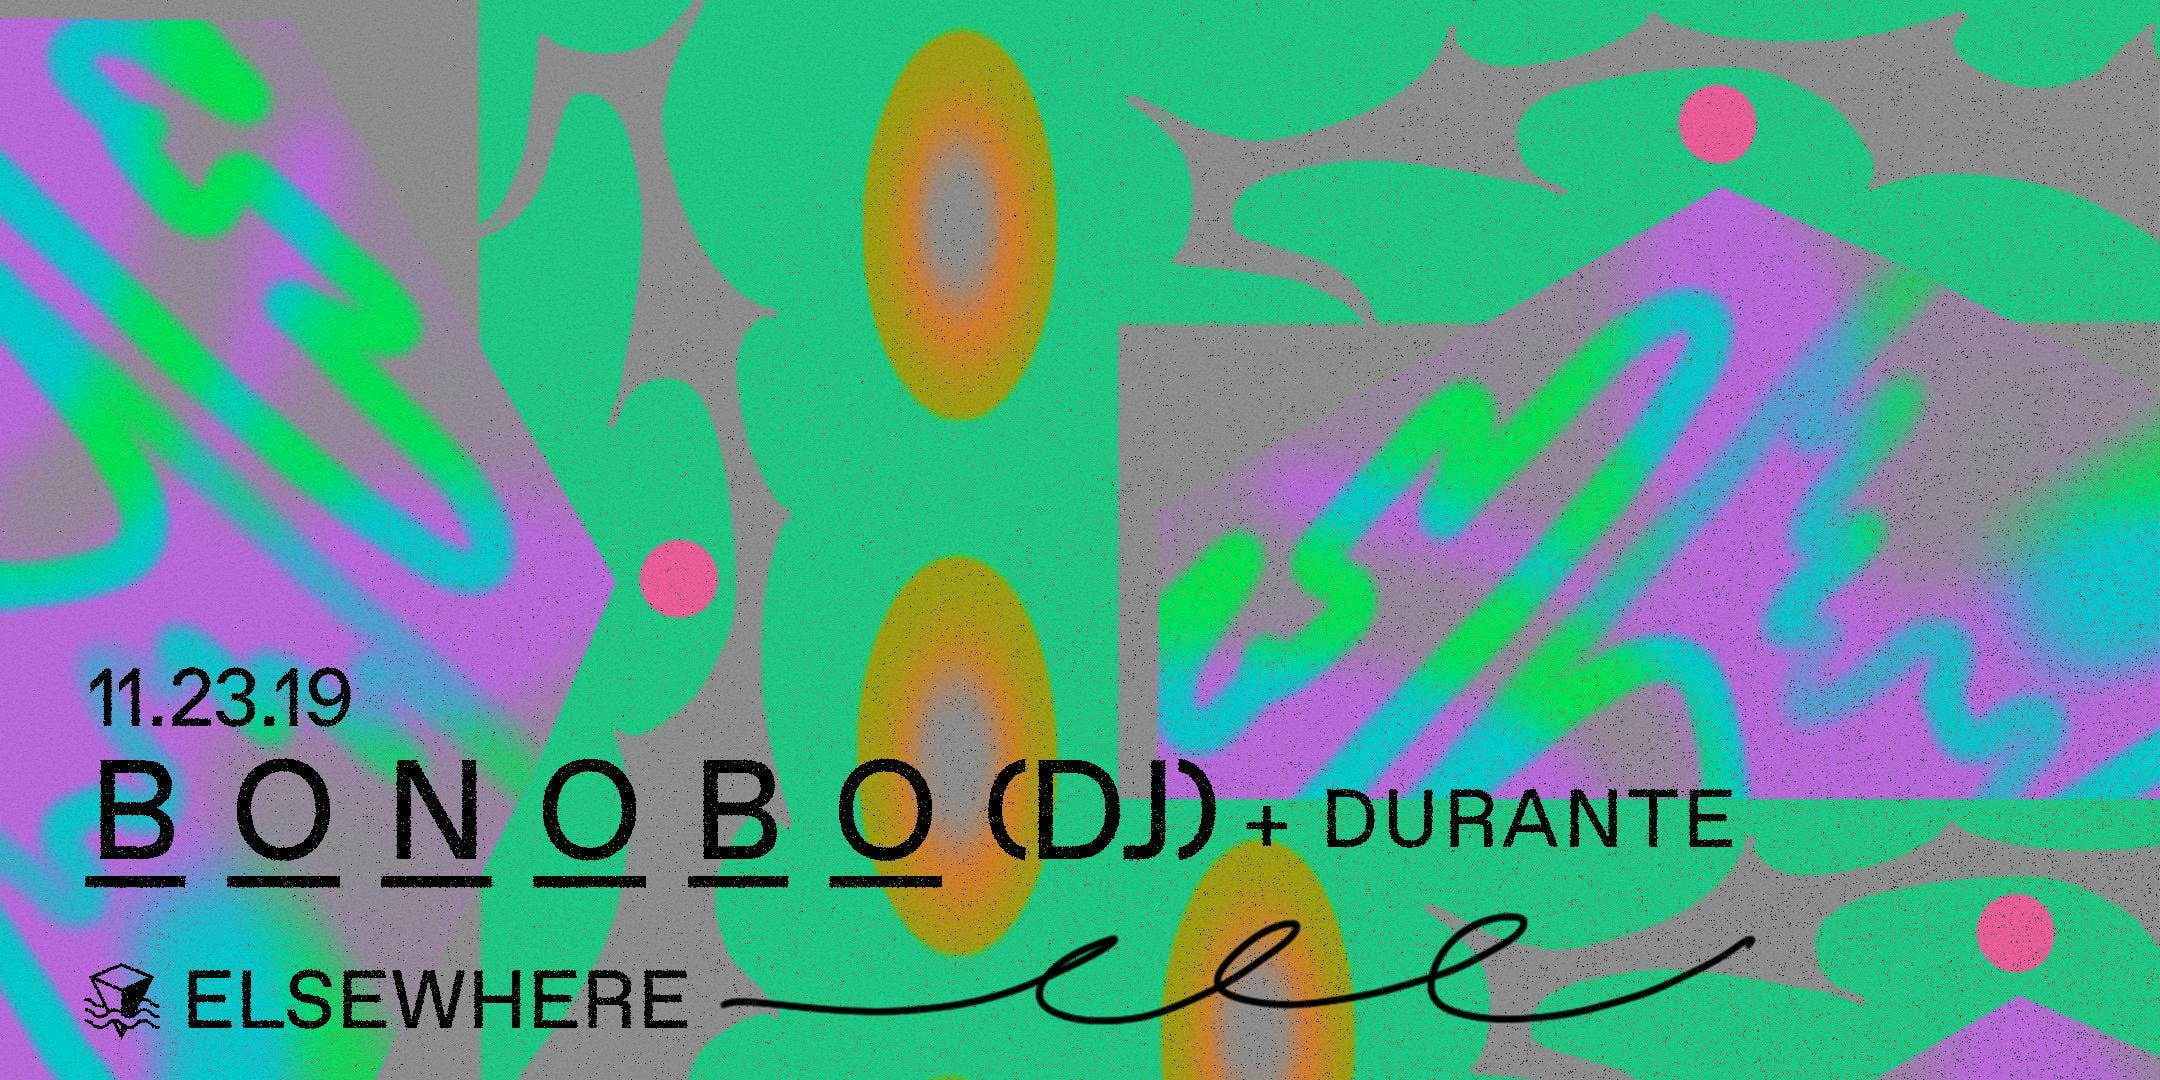 Bonobo (DJ Set), Durante